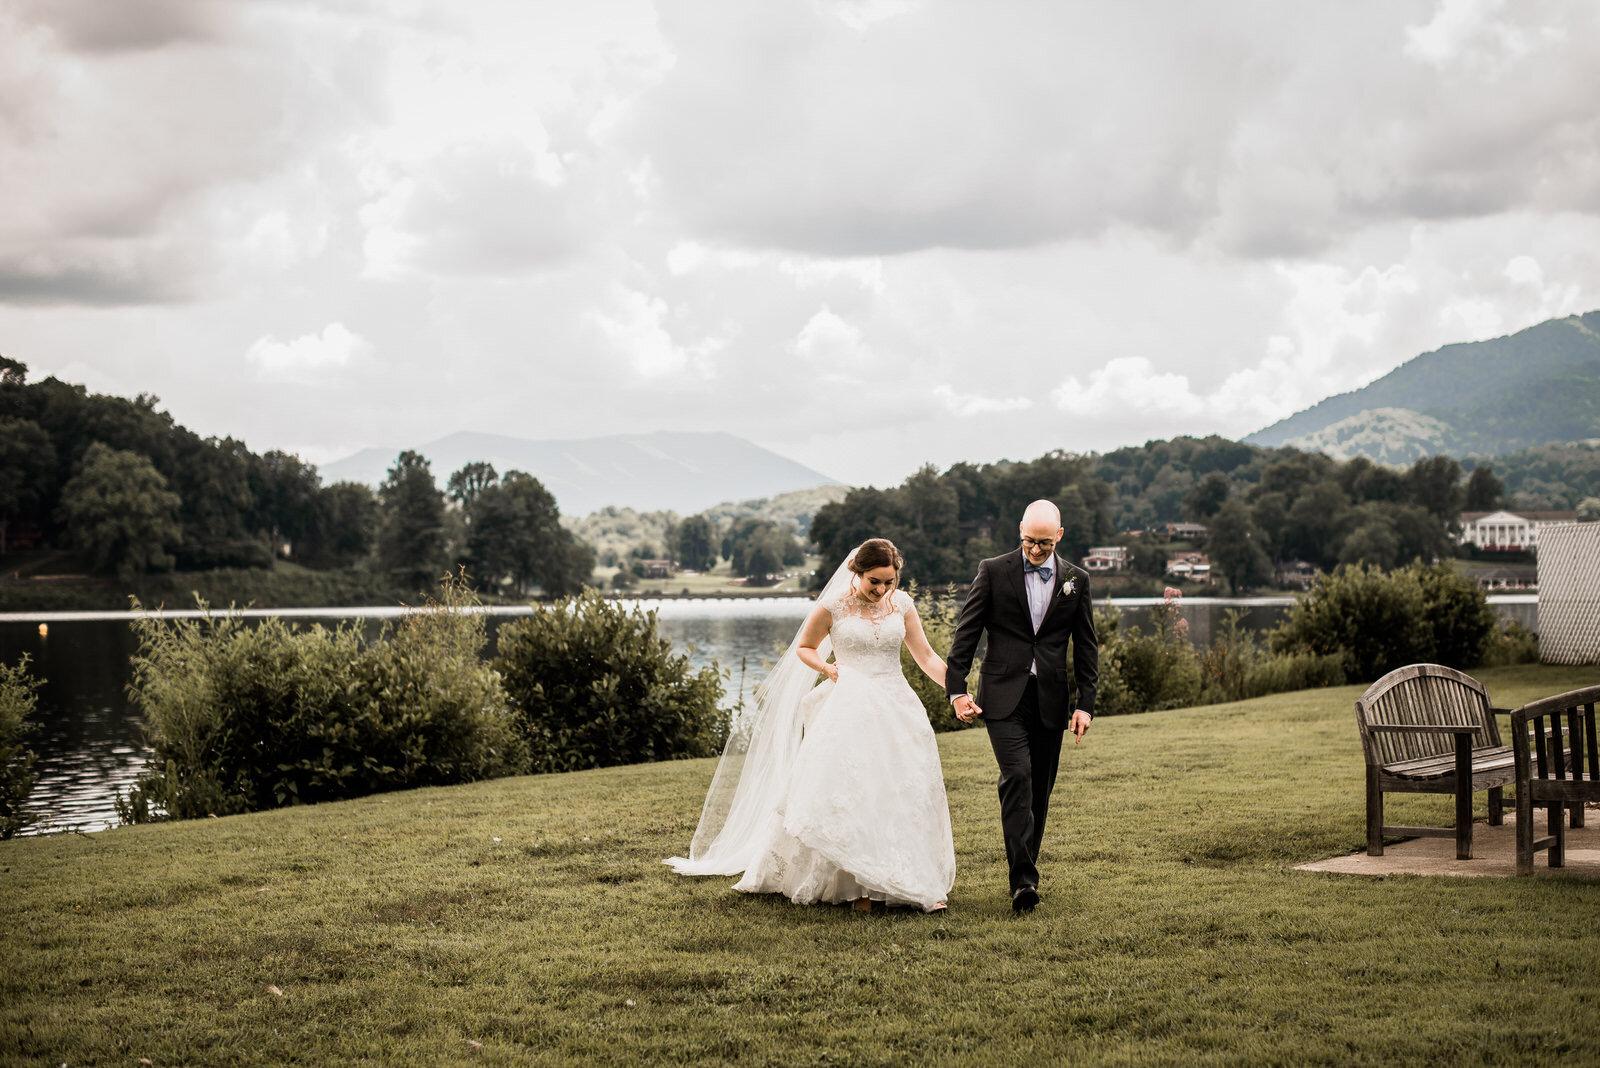 Lake_Junaluska_Wedding